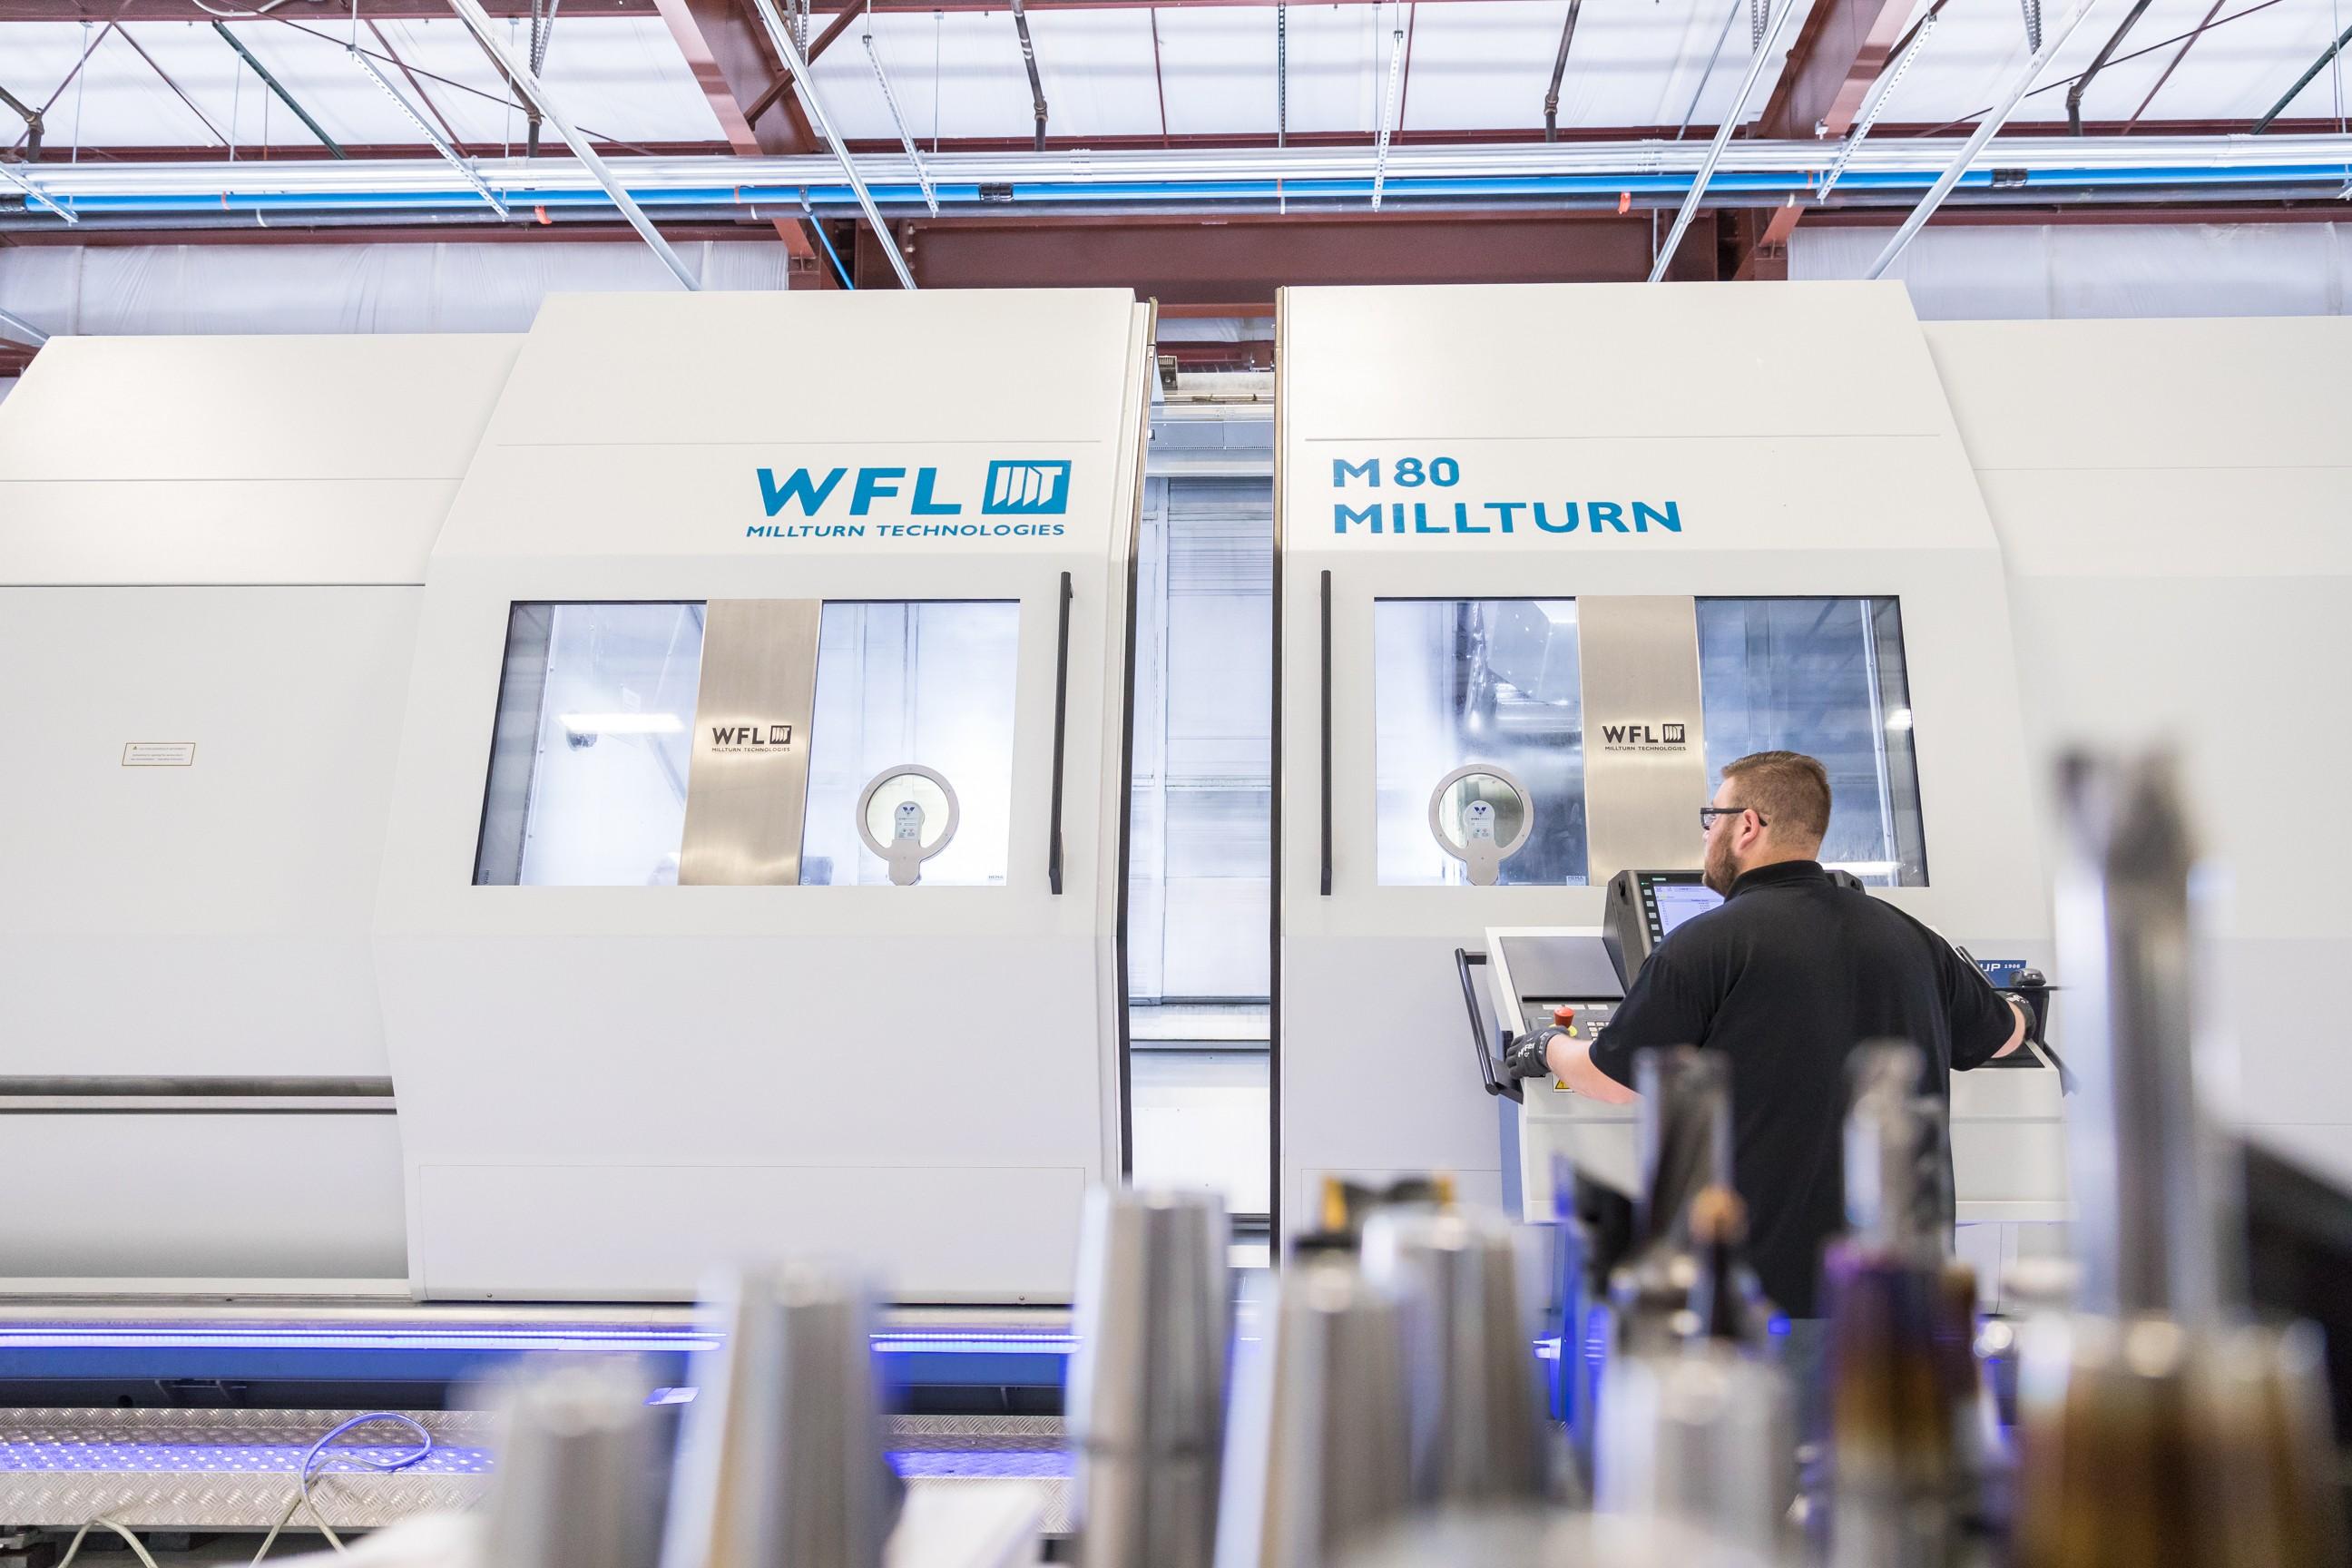 WFL M80 Millturn